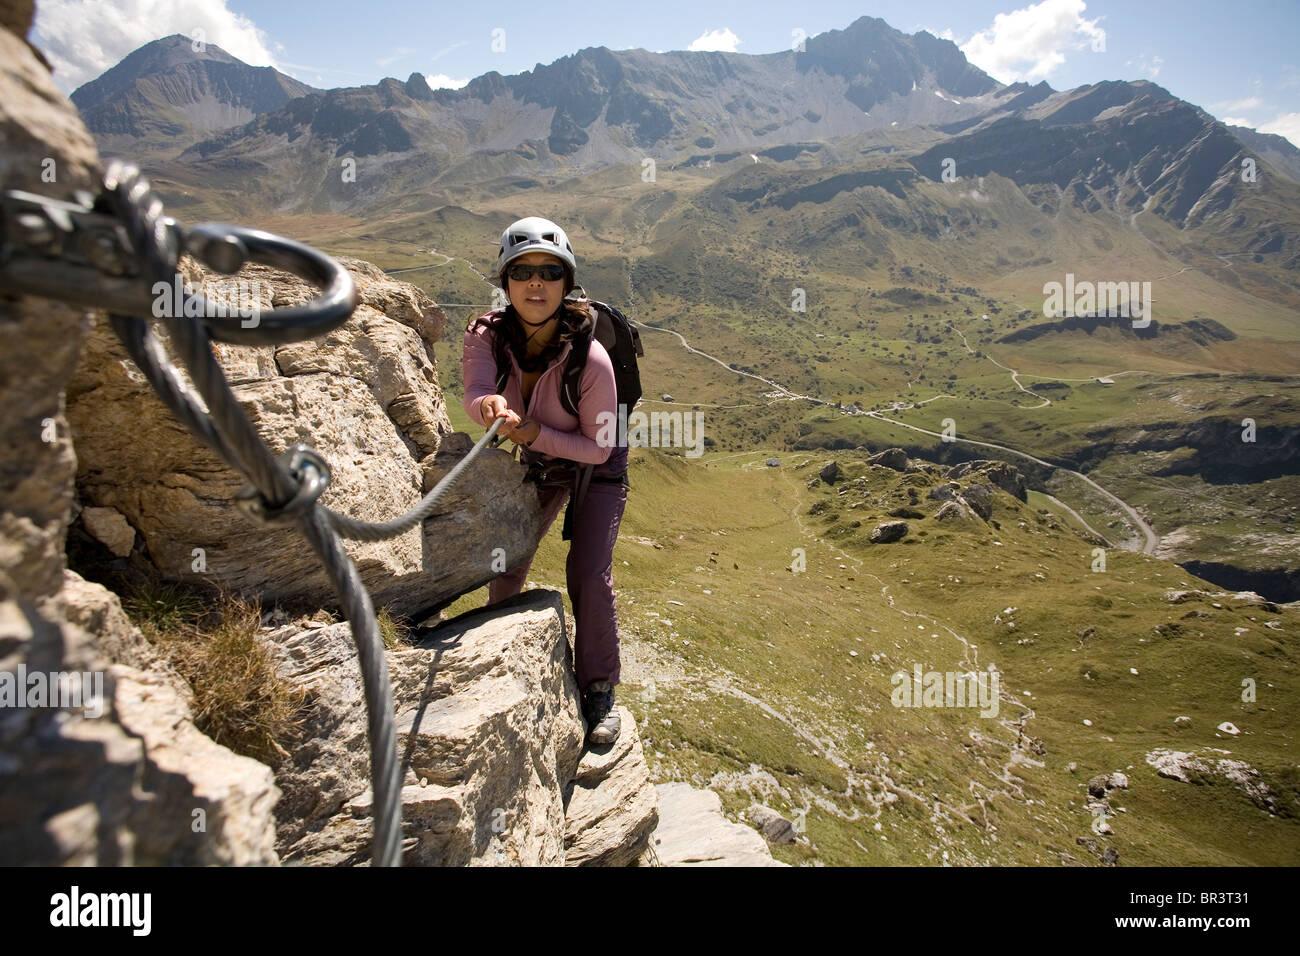 Une jeune femme utilise le câble vissé sur le rocher d'escalade pour soutenir tout en s'engageant Photo Stock